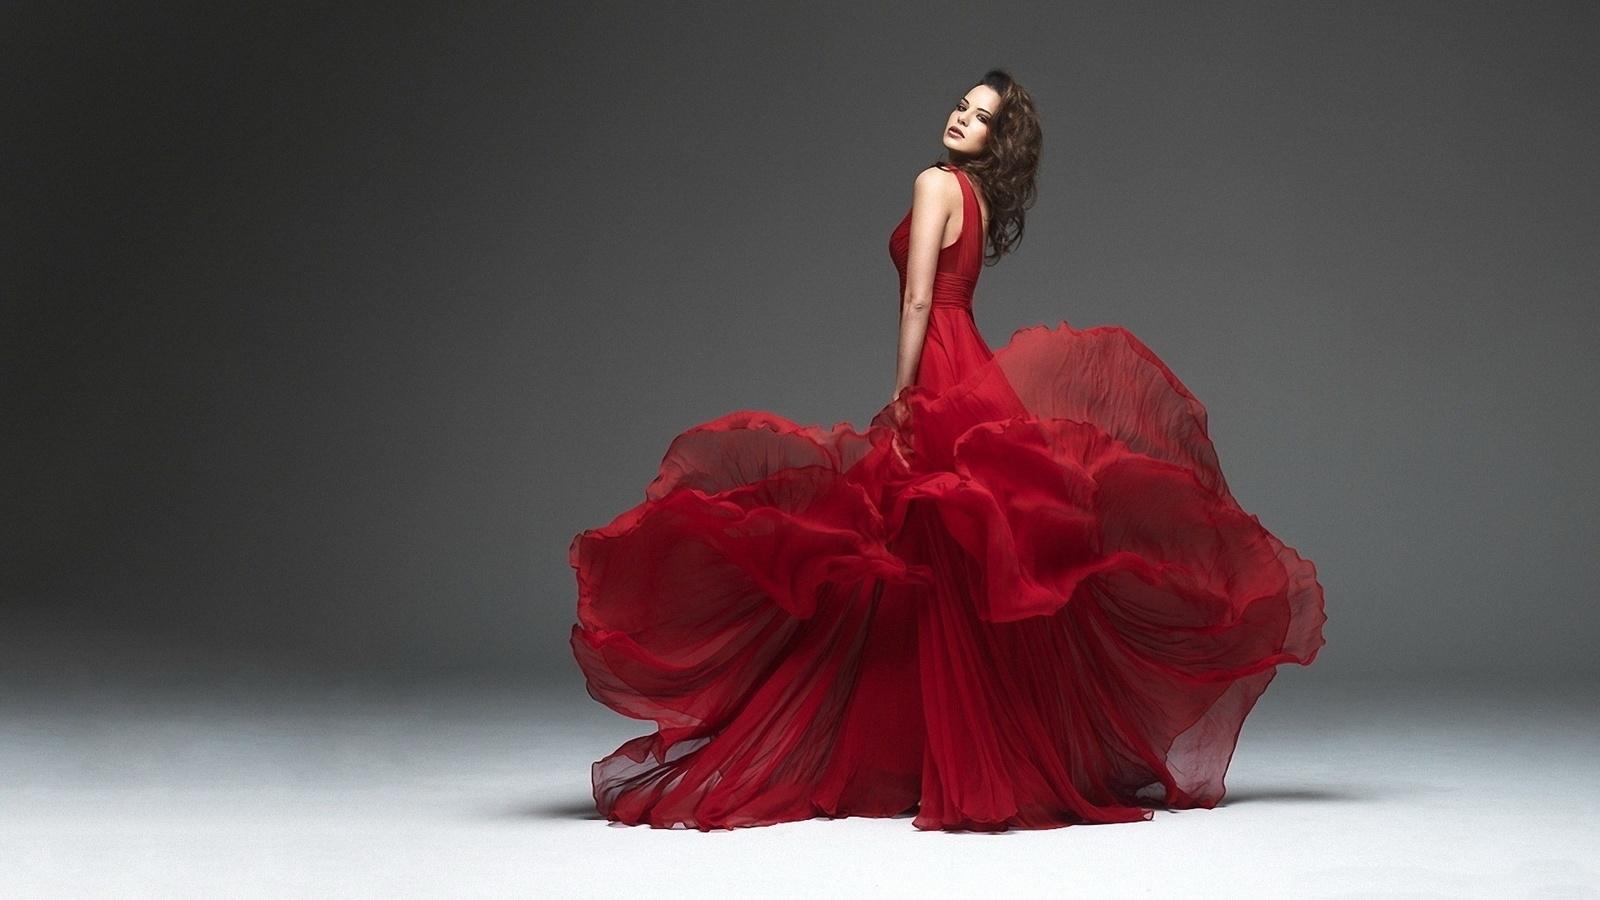 взгляд, фигура, талия, платье, движение, красота, грация, изящество, танец, платье, красный